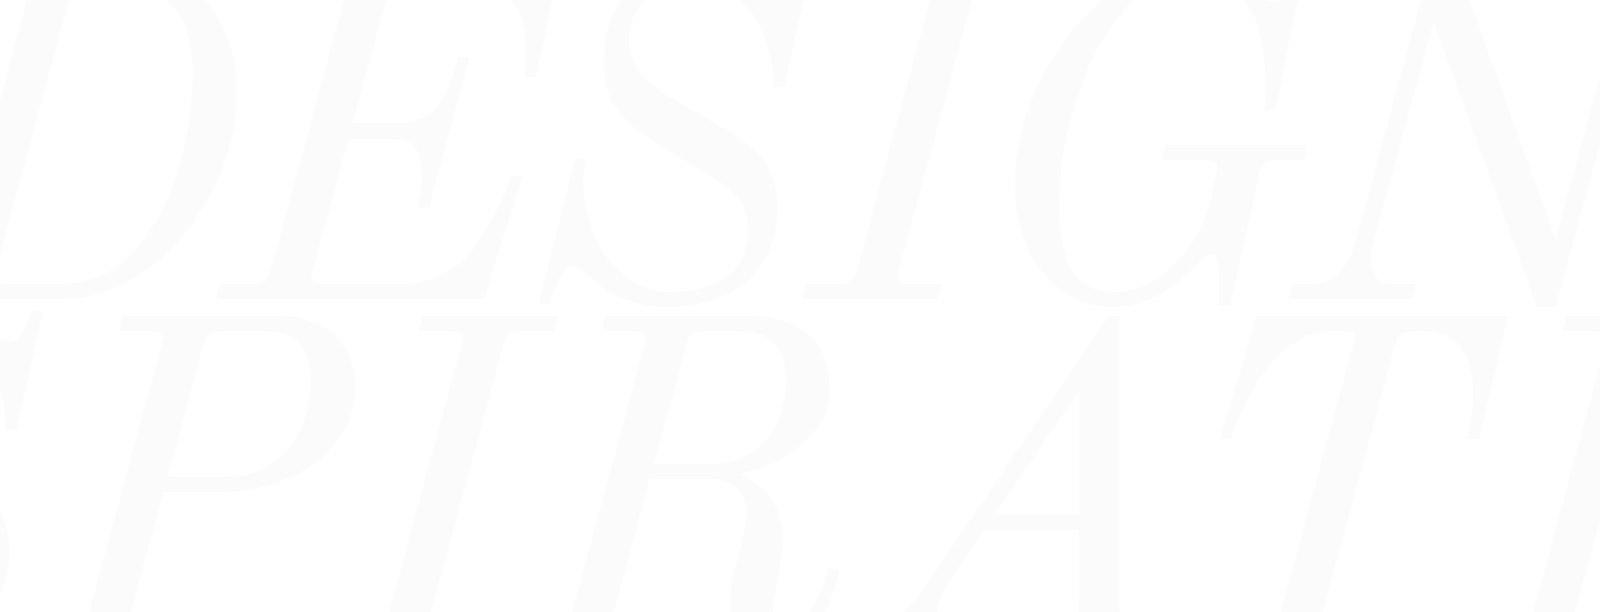 Design-Text-Bg.jpg